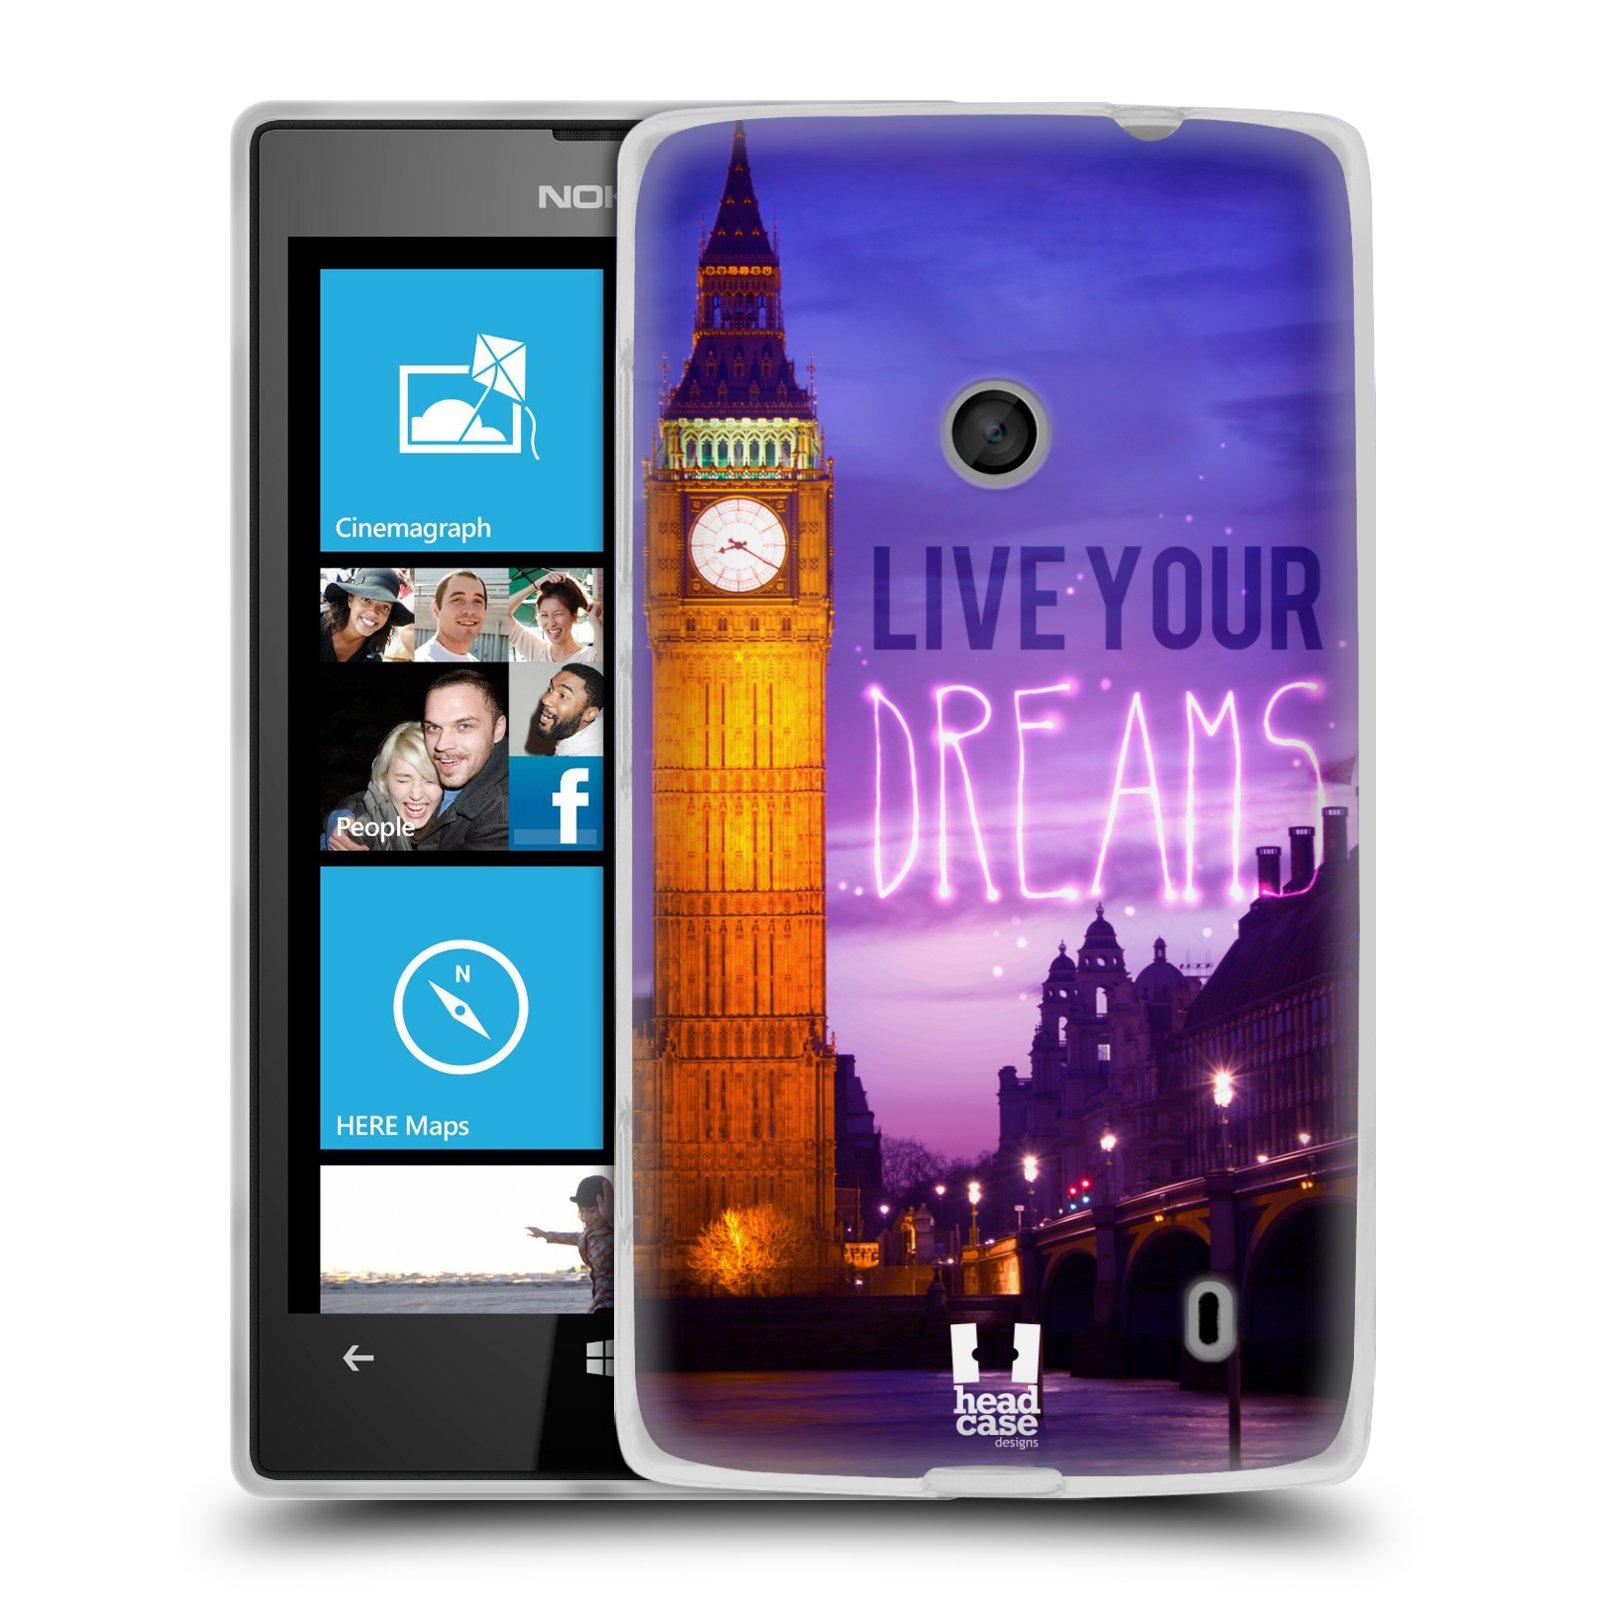 Silikonové pouzdro na mobil Nokia Lumia 520 HEAD CASE DREAMS (Silikonový Kryt či obal na mobilní telefon Nokia Lumia 520)